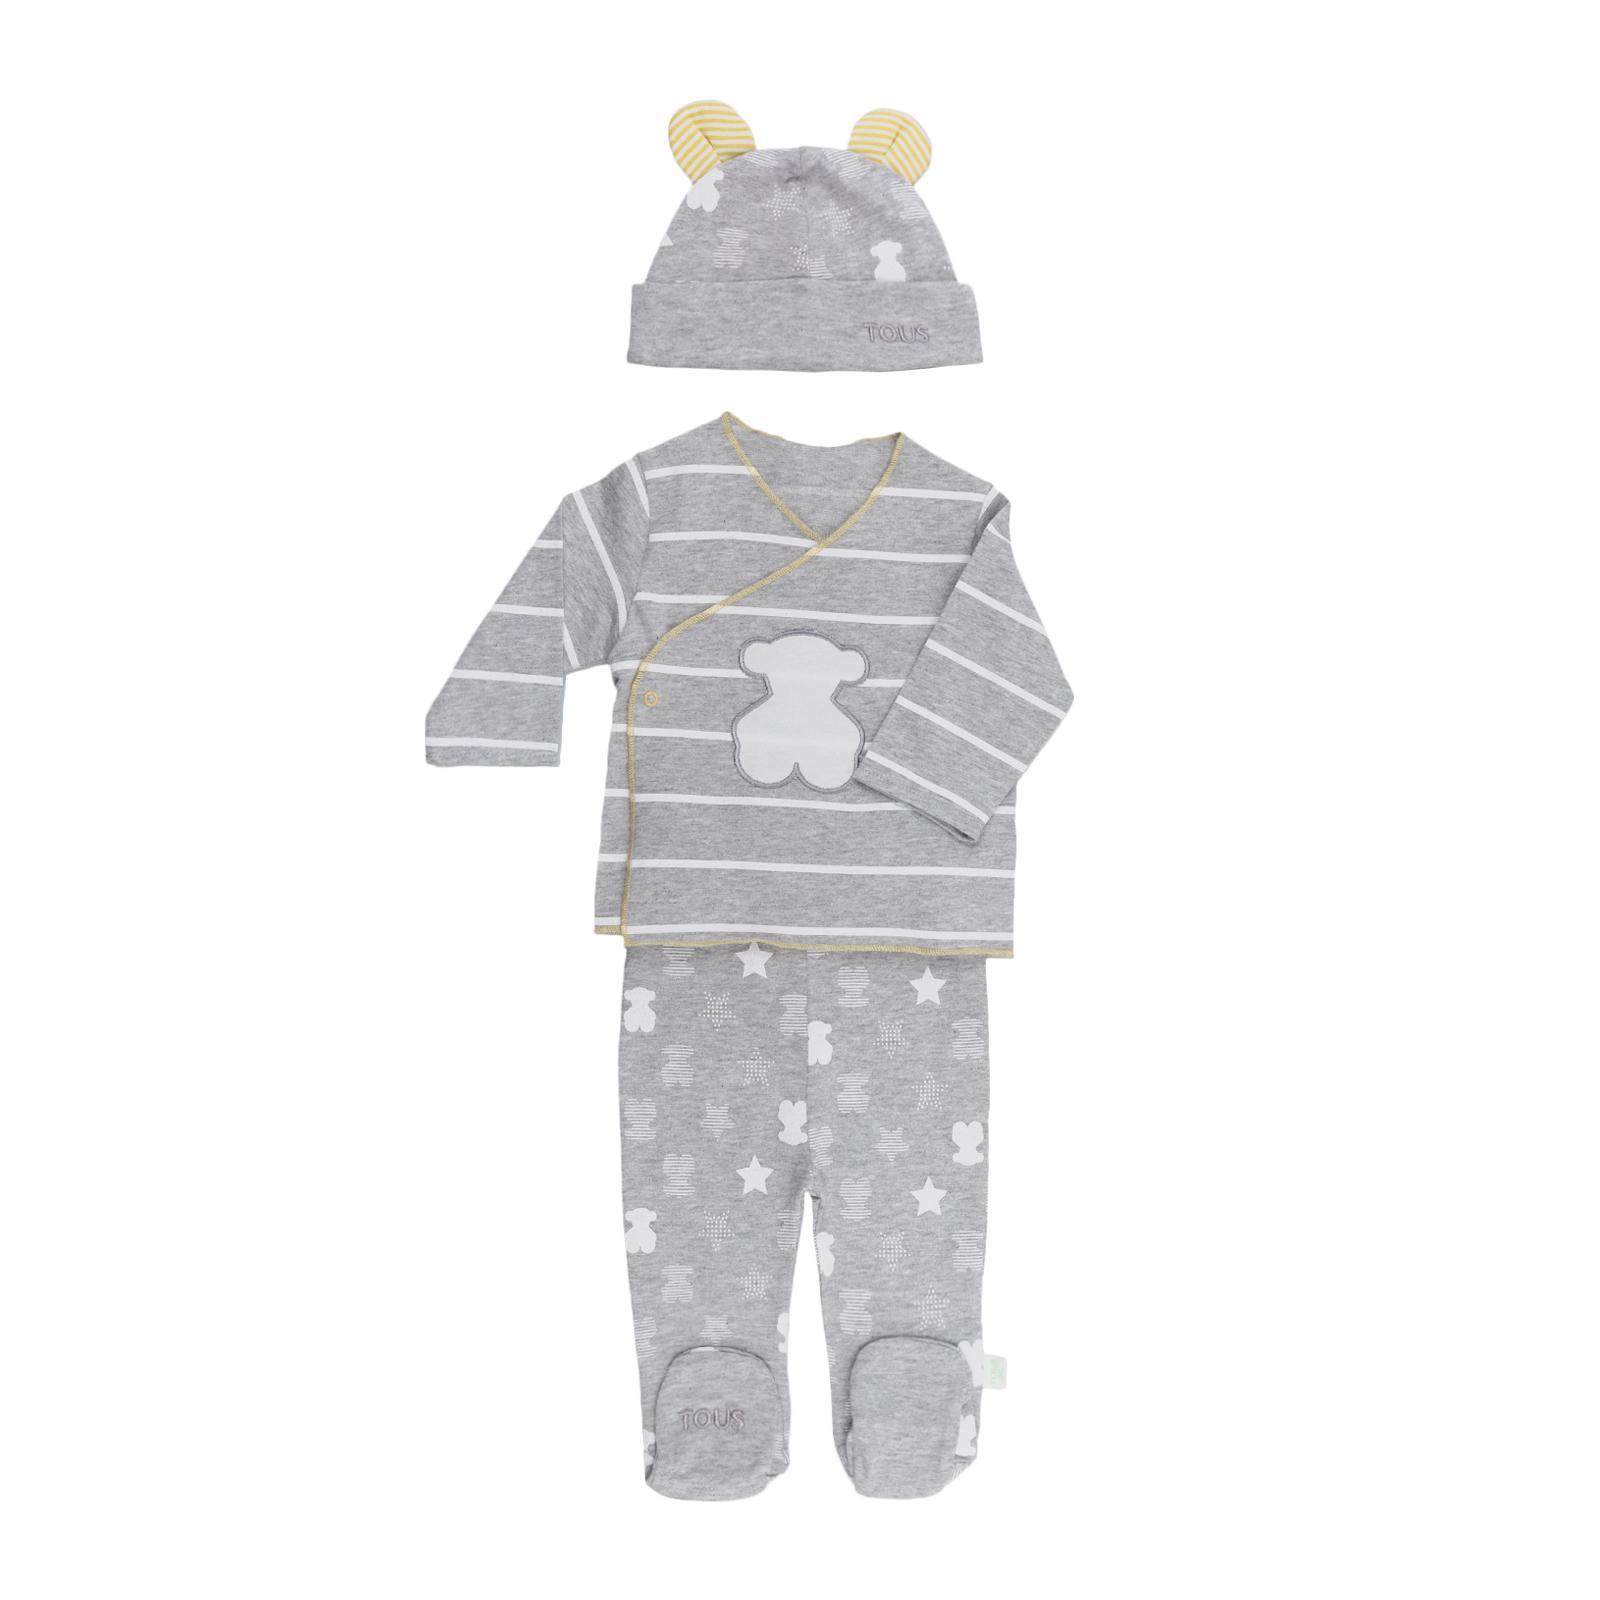 Conjunto recién nacido Baby Tous mod. SBear color gris.